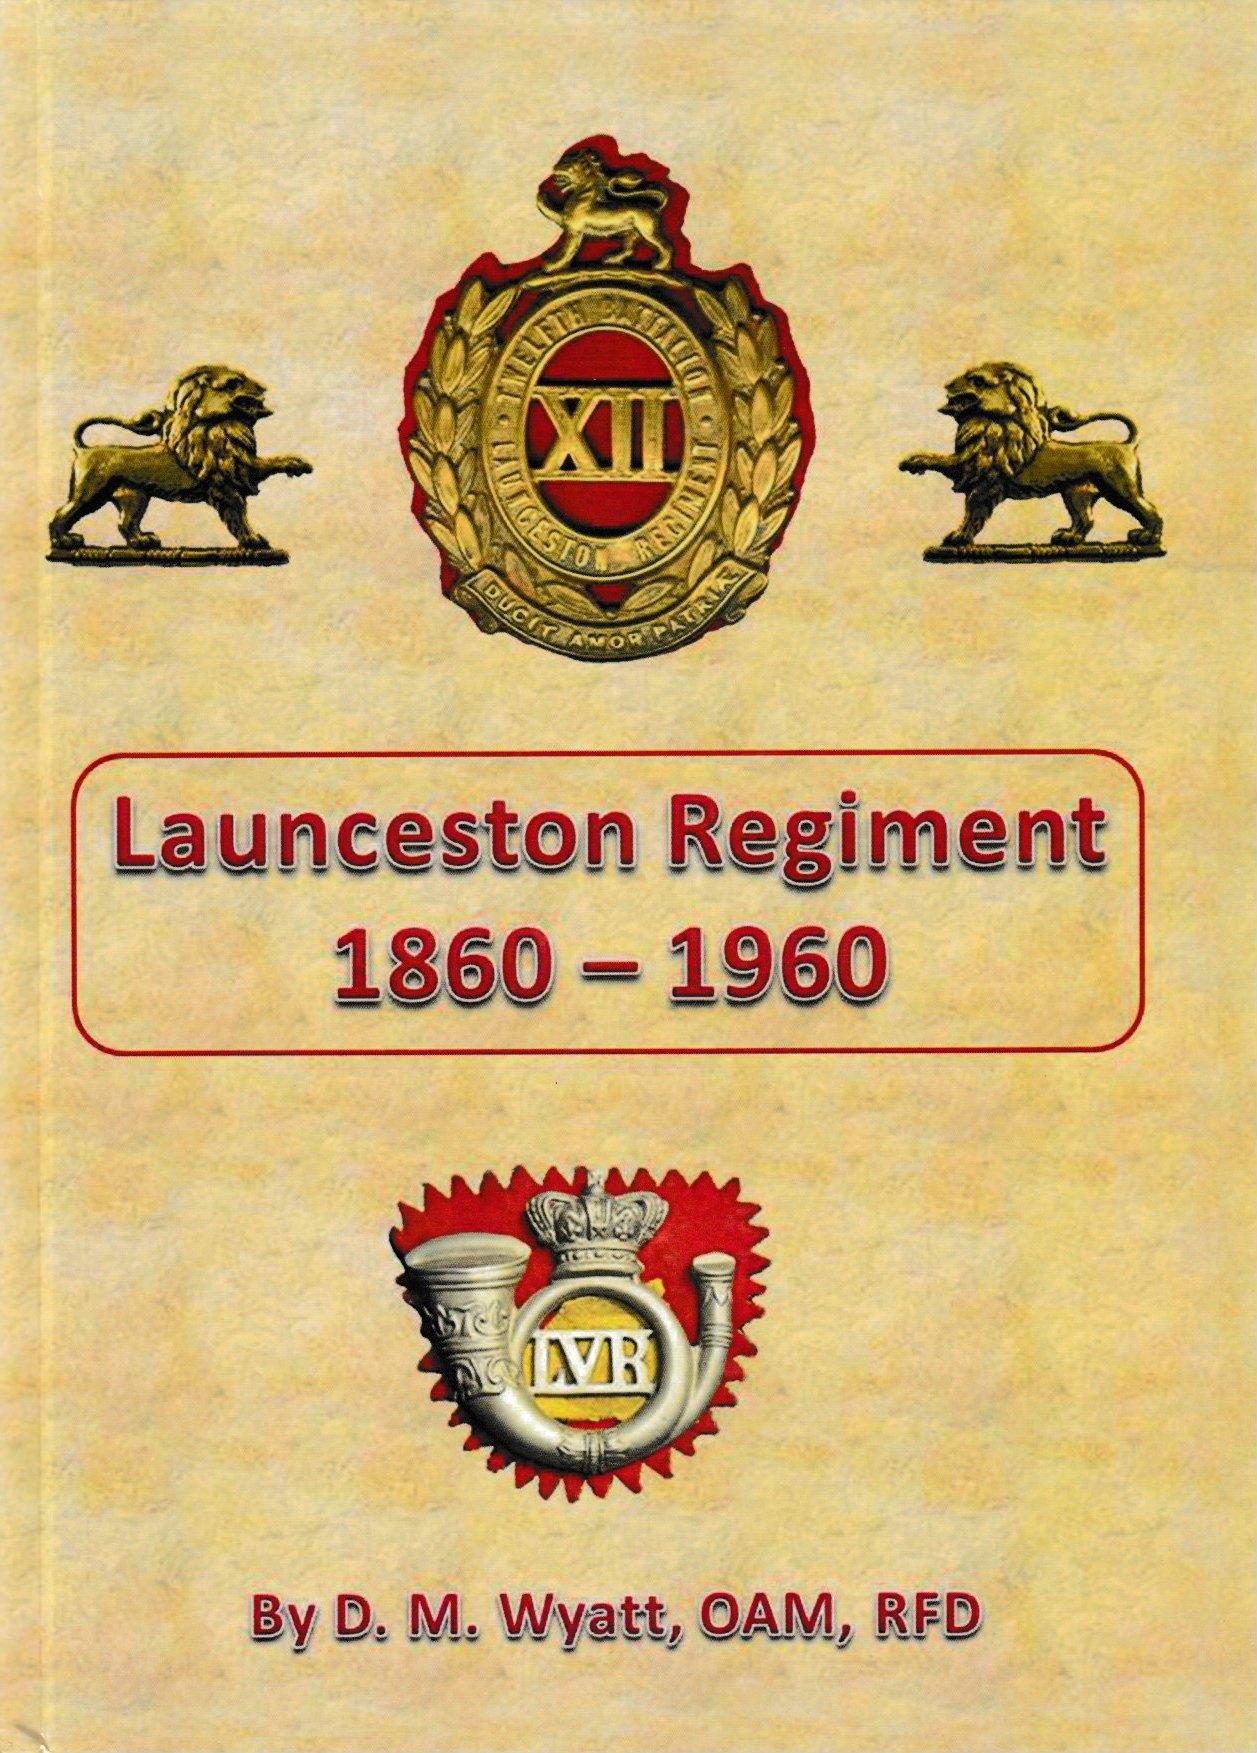 Launceston Regiment 1860-1960 hardcover